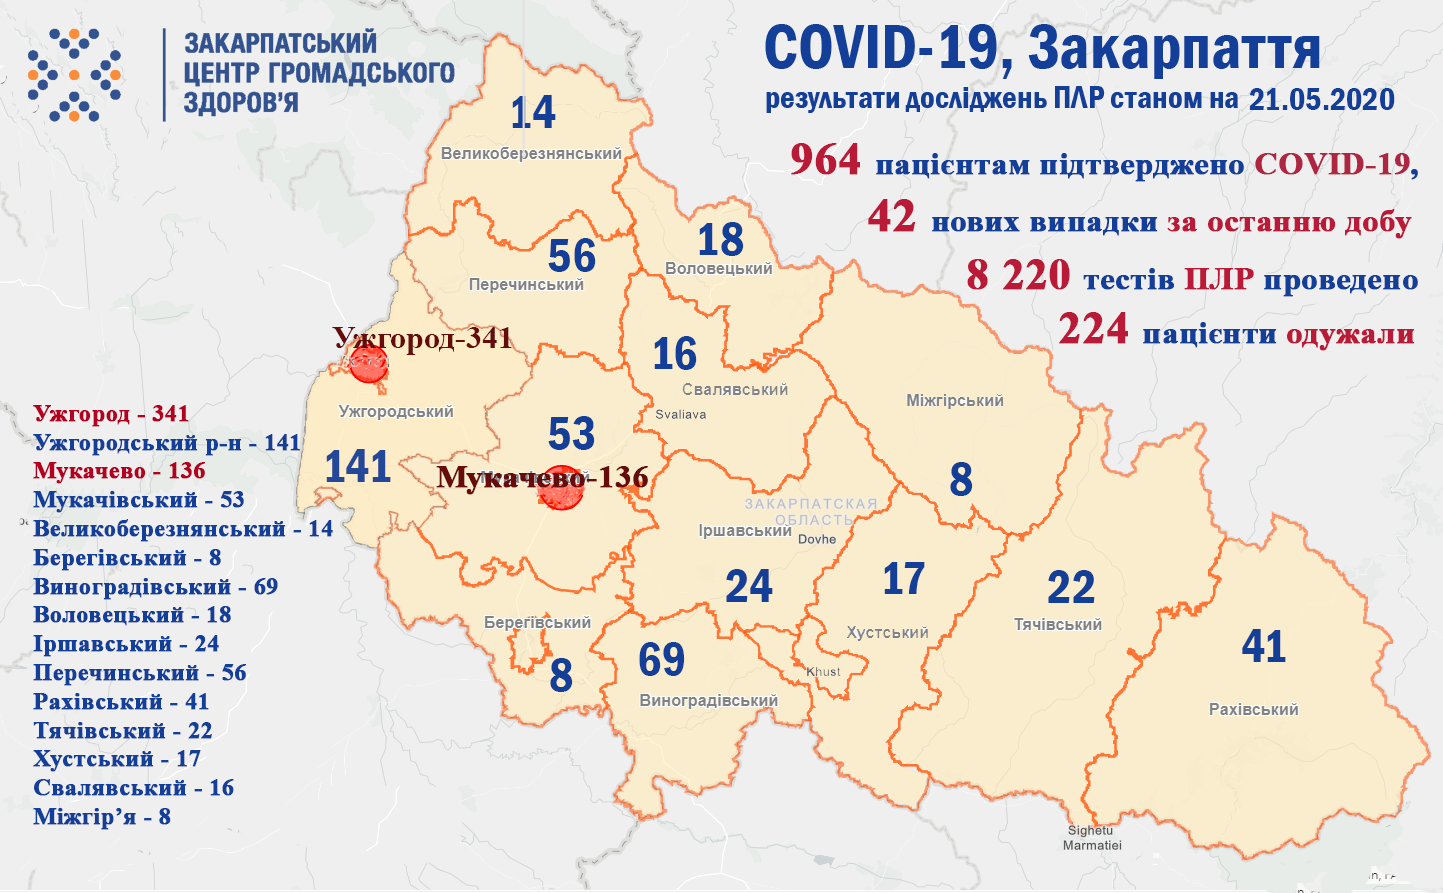 964 пацієнтам підтверджено COVID-19: оновлені дані стосовно коронавірусу в Закарпатті